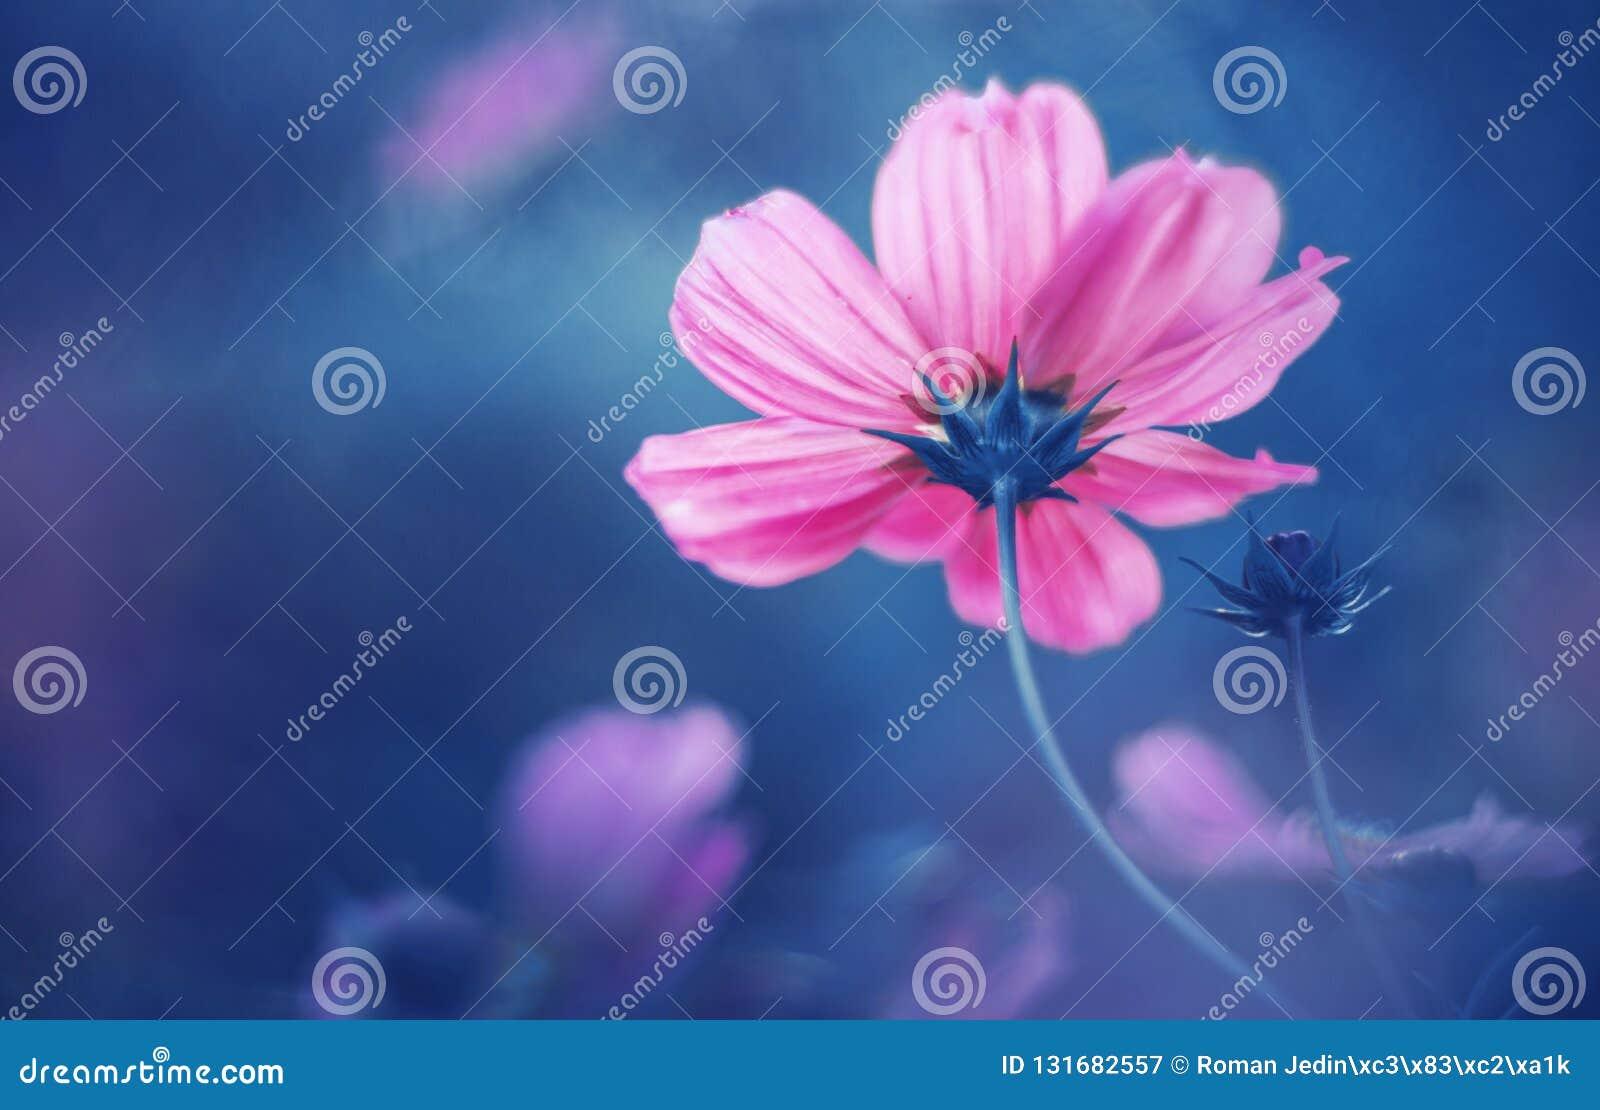 Sueño del rosa de la flor